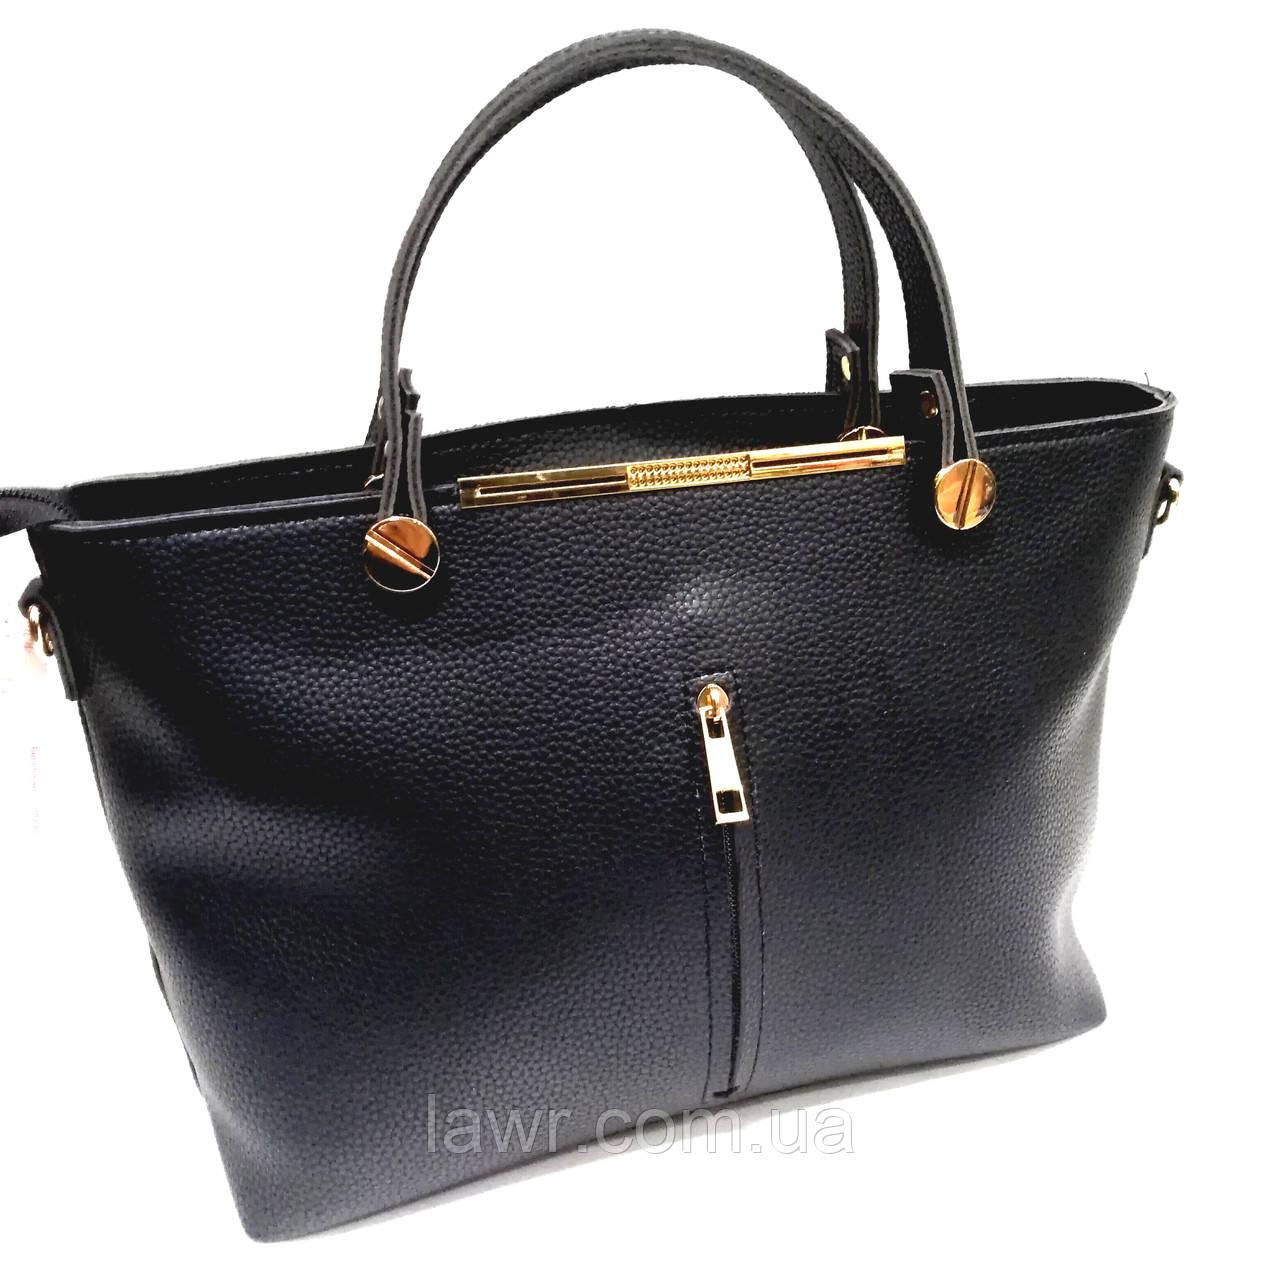 4e903750e780 Купить Женская сумка, качественная брендовая, черная, стильная, 0541 ...